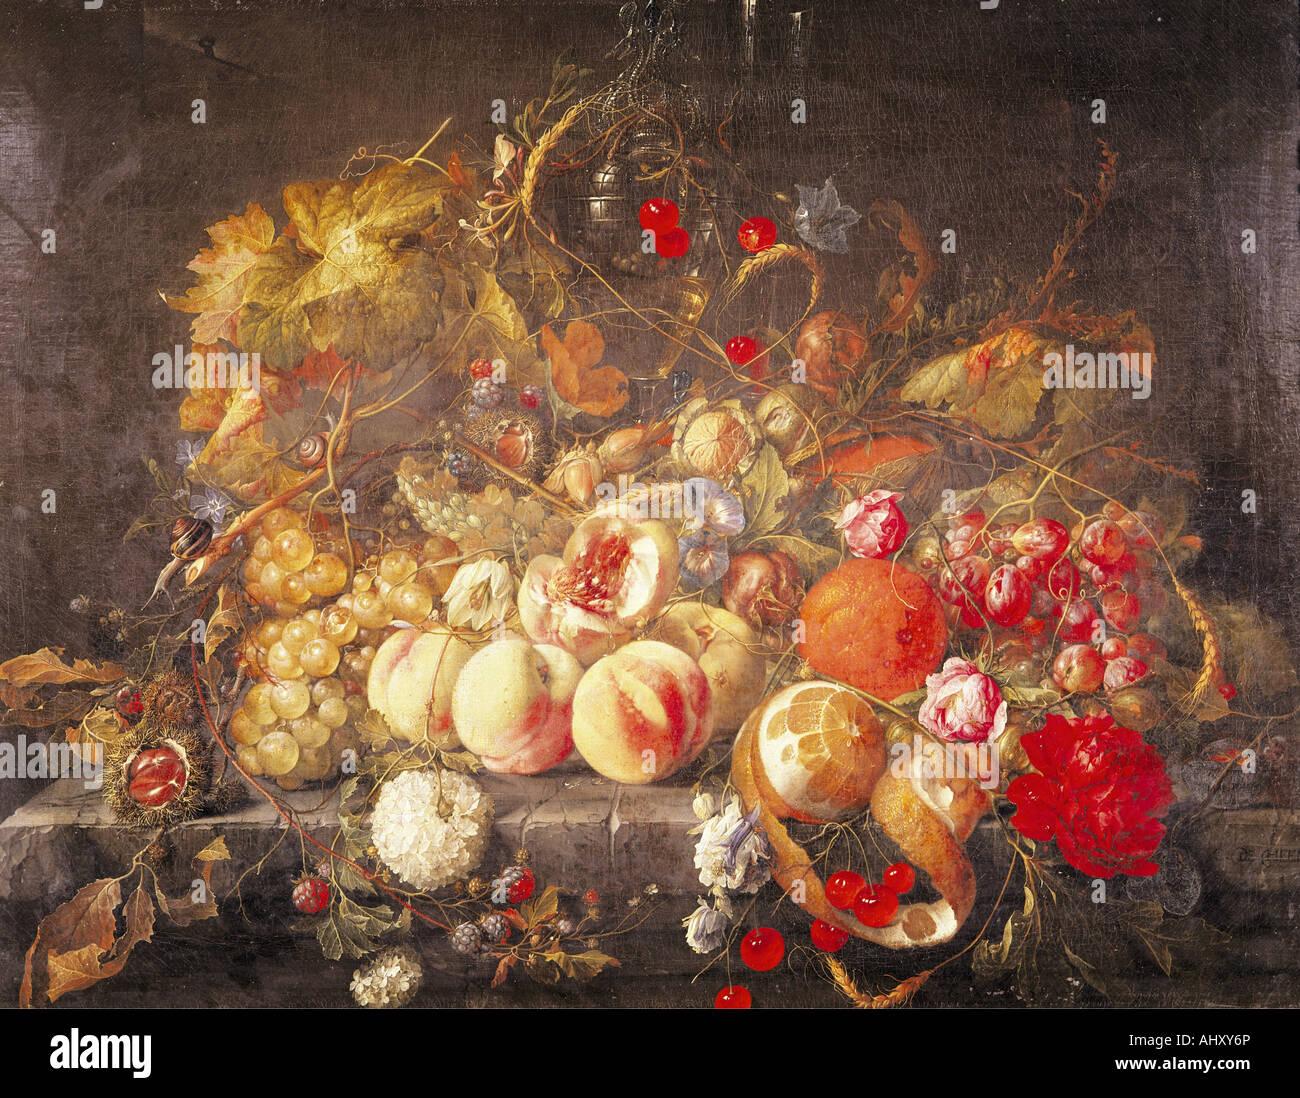 """""""Fine Arts, Heem, Jan Davidsz de, (1606-1684), Malerei,""""Stilleben"""", Öl auf Panel, 55,8 cm x Stockbild"""